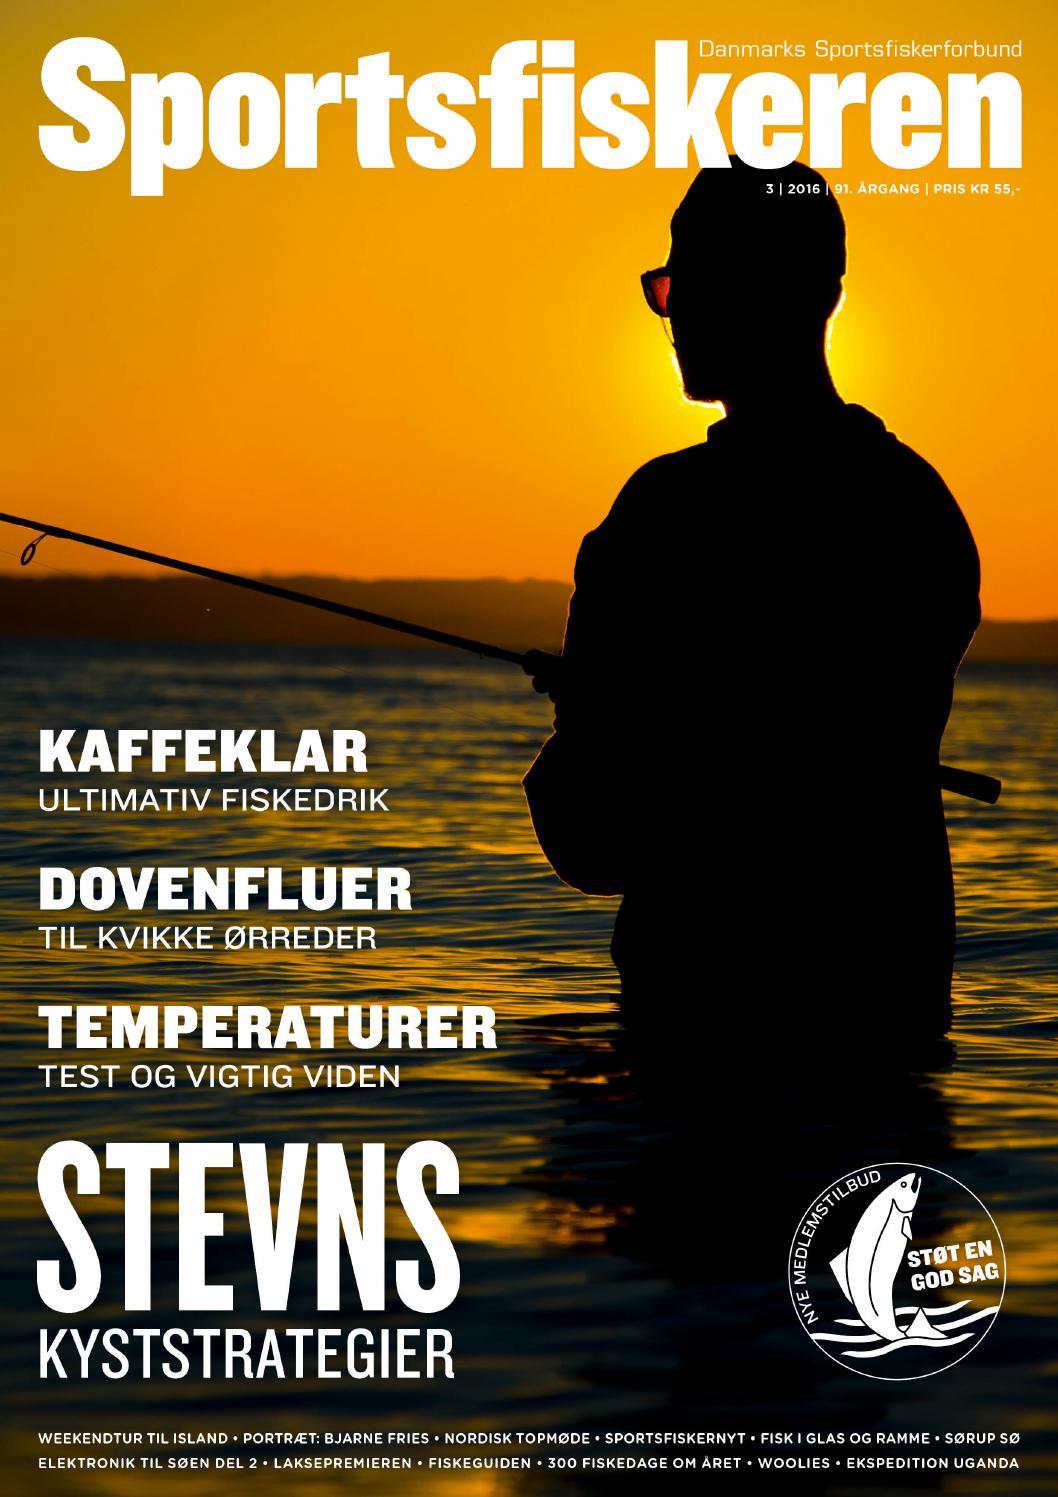 be79950a8822 Sportsfiskeren nr 3 2016 by Danmarks Sportsfiskerforbund - issuu